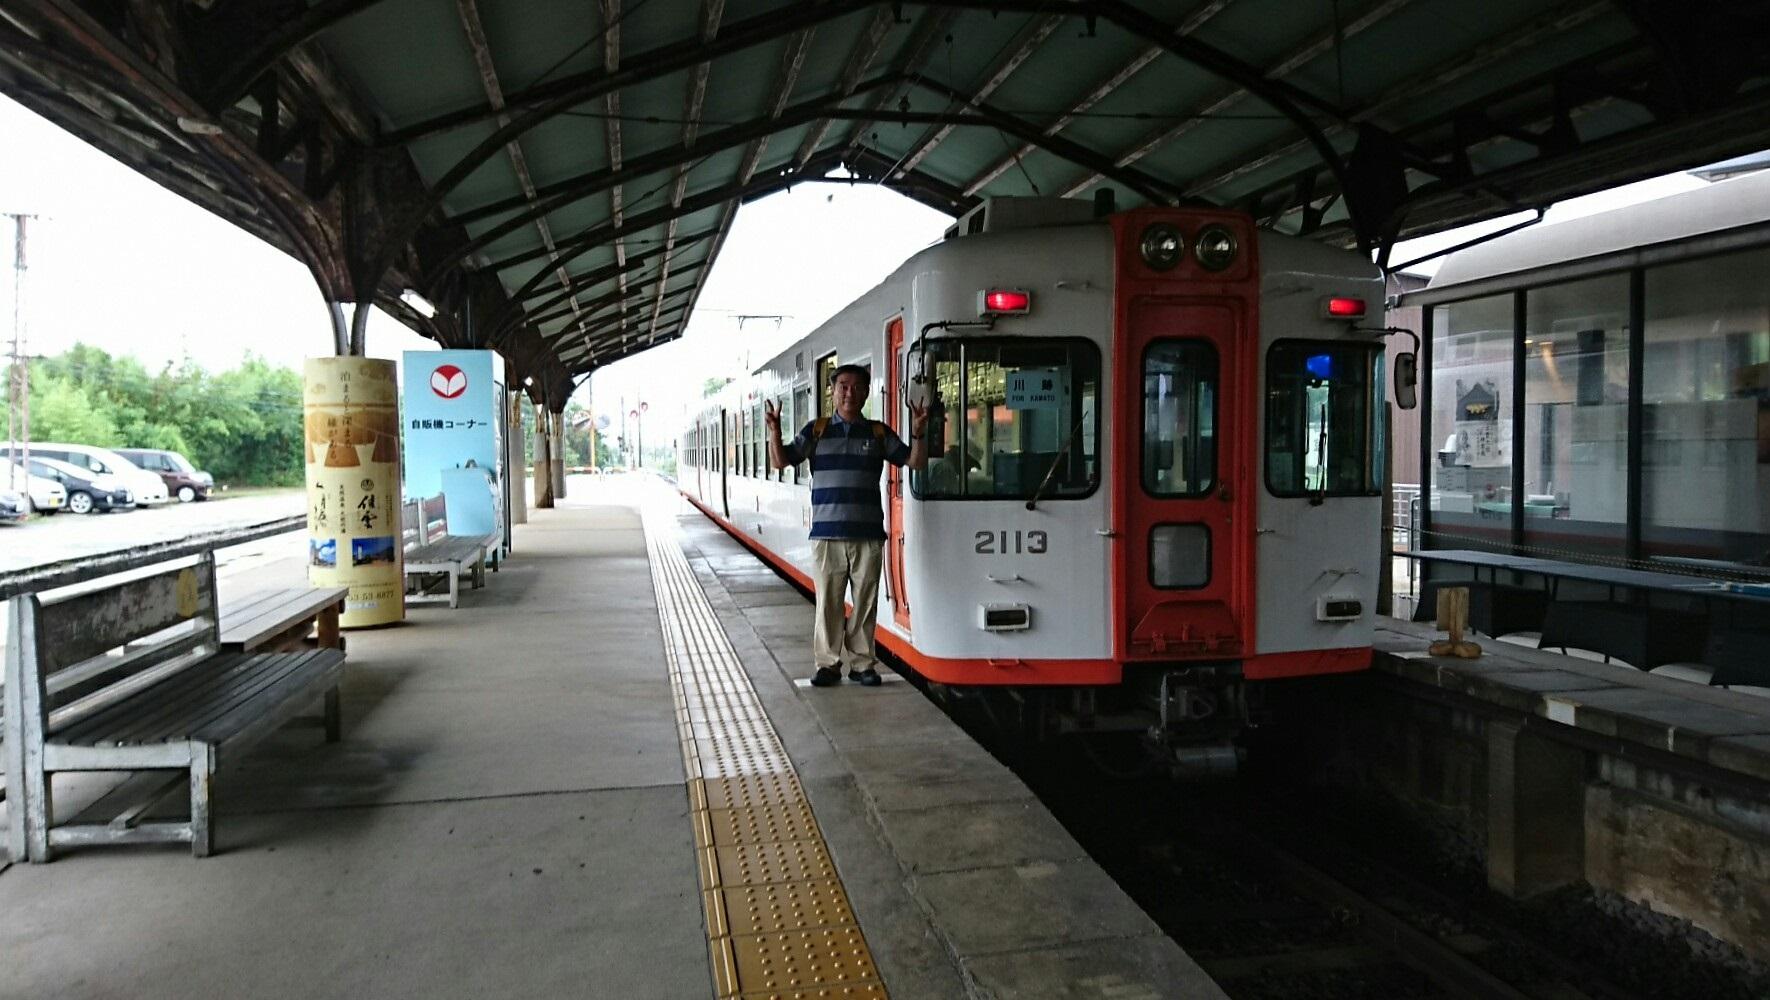 2018.7.6 (131あ) 出雲大社前 - 川跡いきふつう 1770-1000